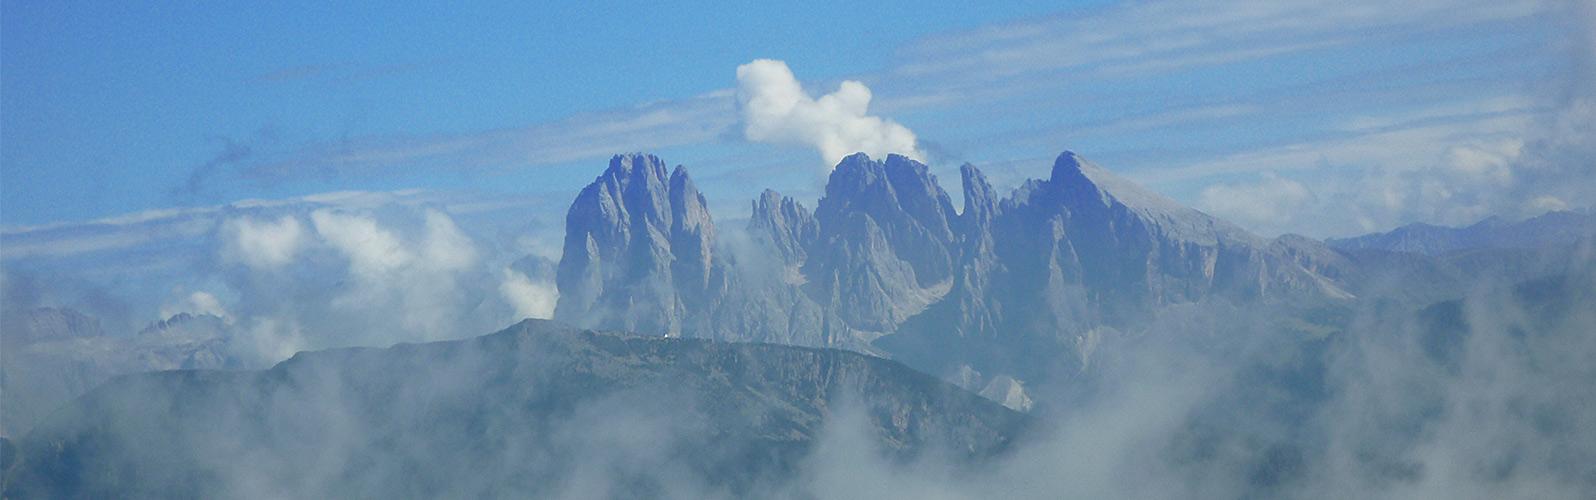 Südtirol Dolomiten Berge Eisacktal